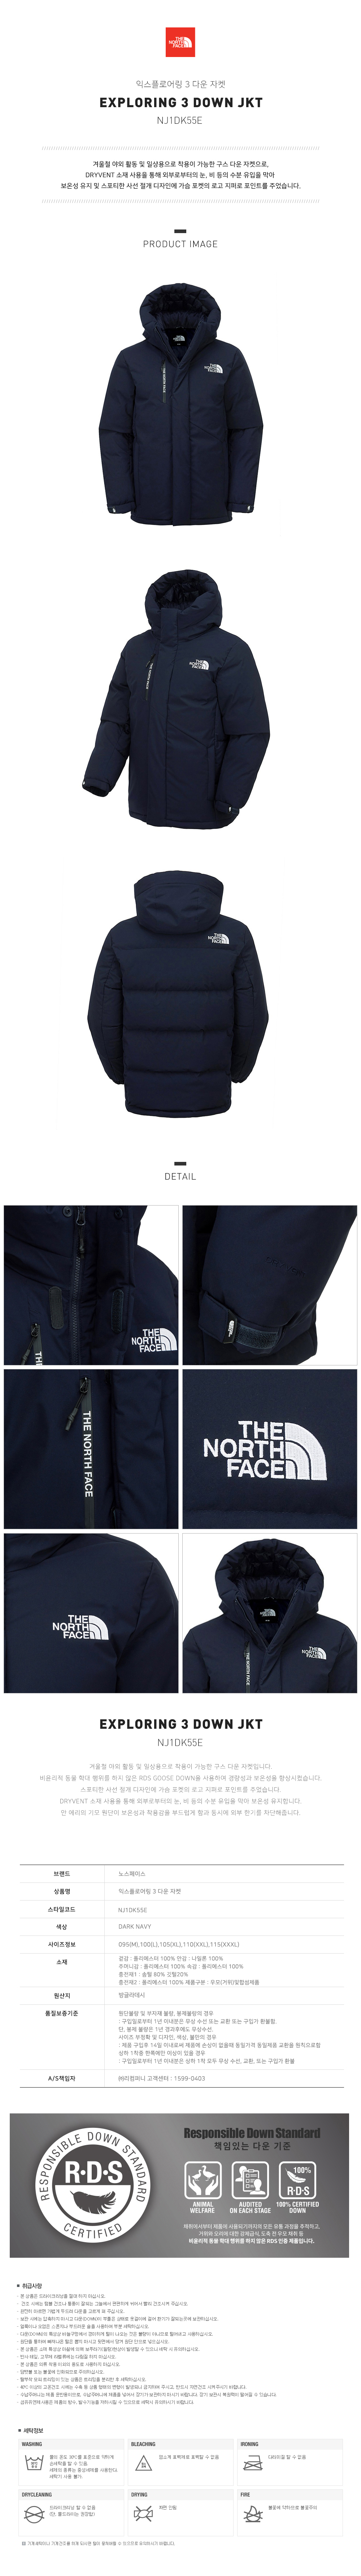 노스페이스(THE NORTH FACE) NJ1DK55E_익스플로링 3 다운 자켓